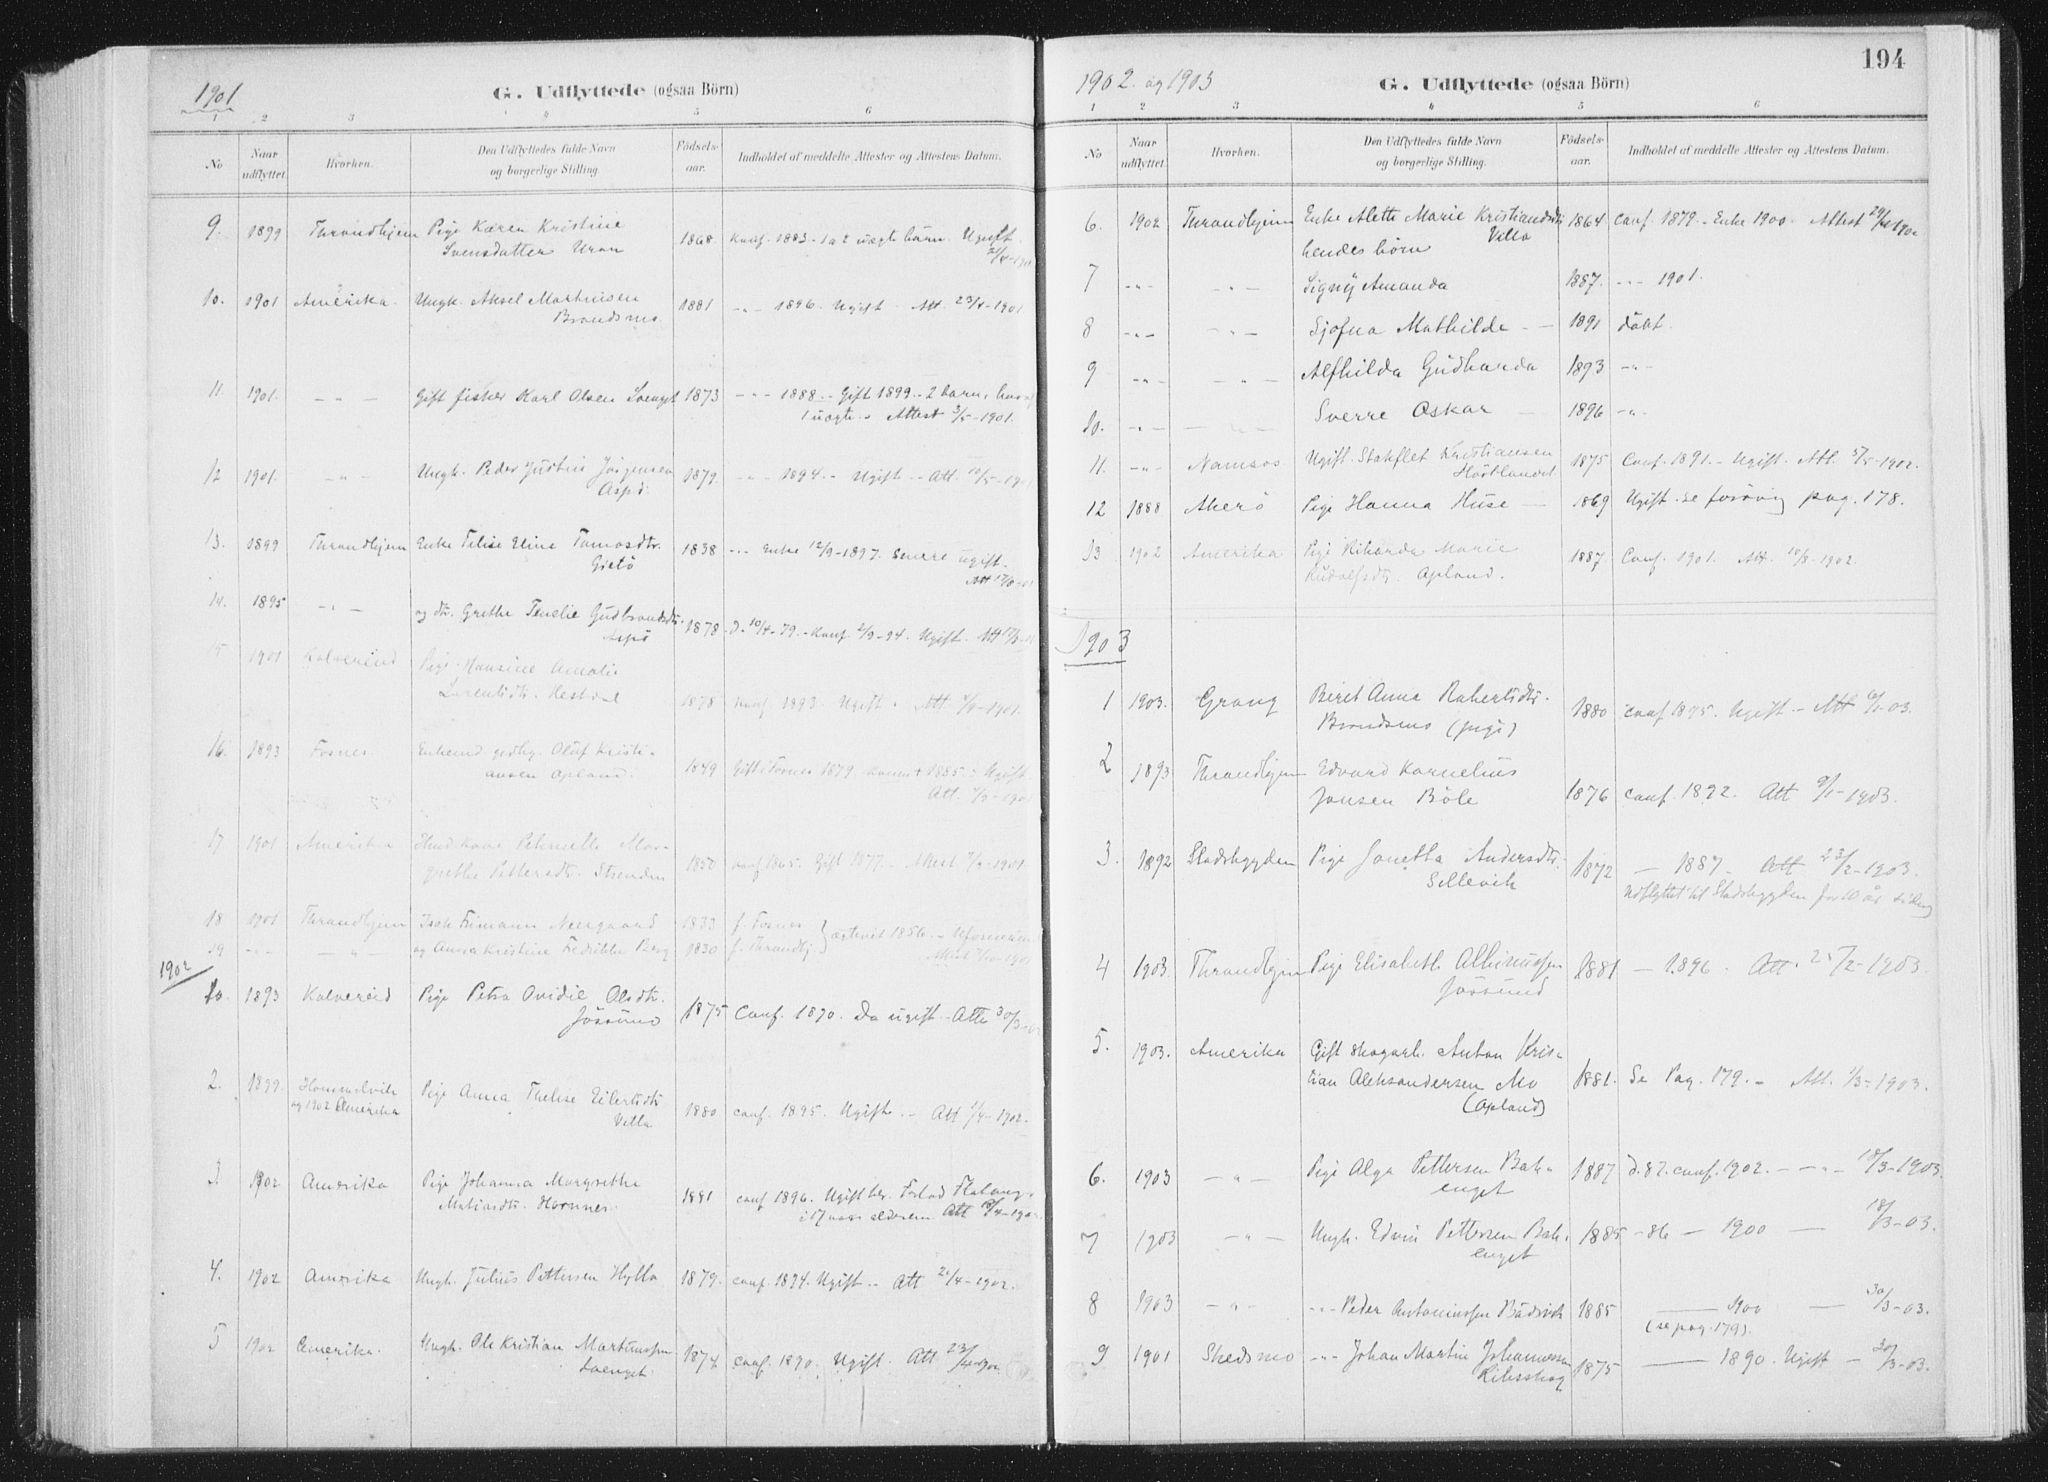 SAT, Ministerialprotokoller, klokkerbøker og fødselsregistre - Nord-Trøndelag, 771/L0597: Ministerialbok nr. 771A04, 1885-1910, s. 194